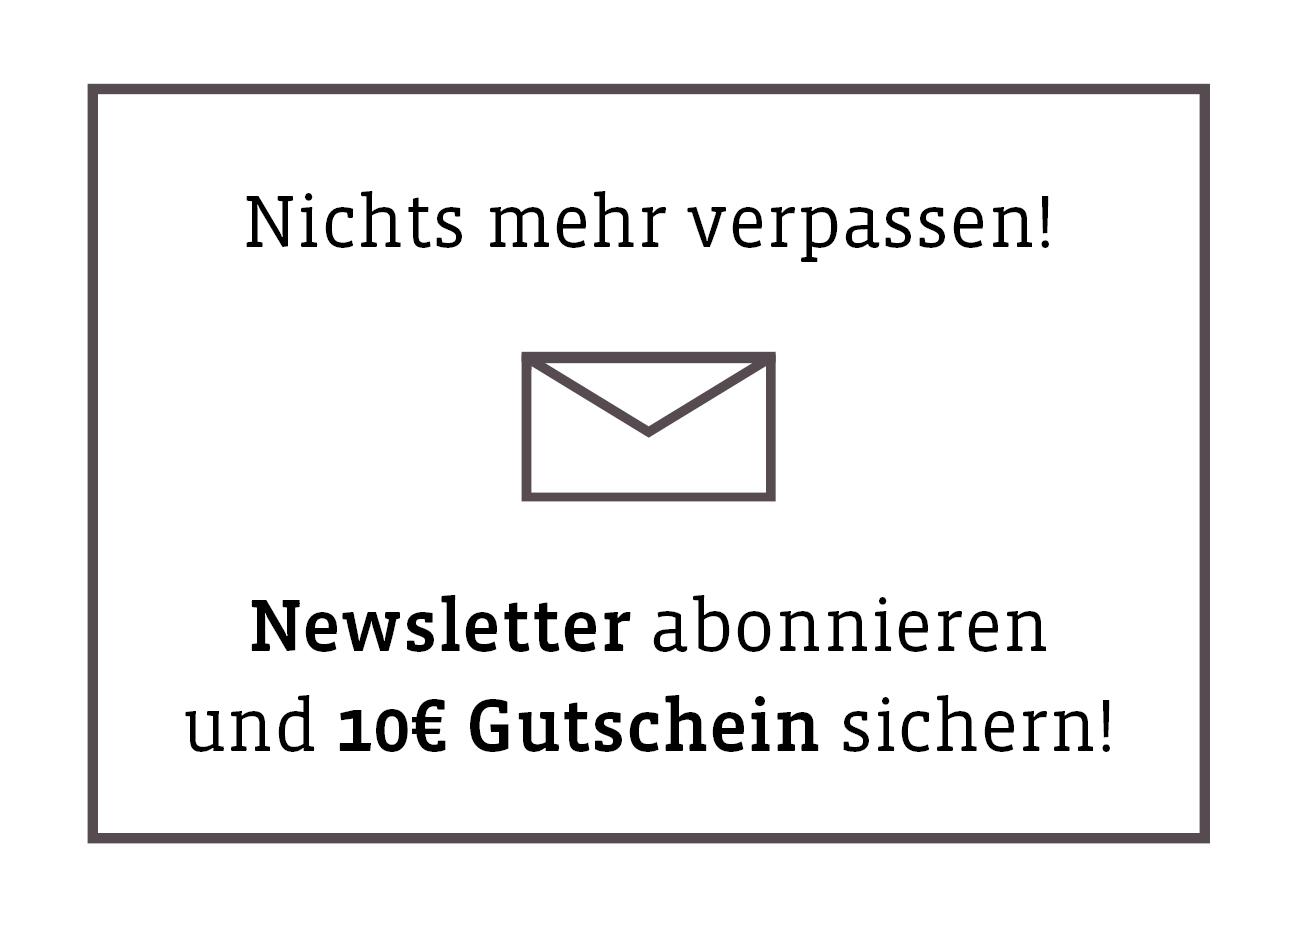 Hartjes_Newsletter_Kachel